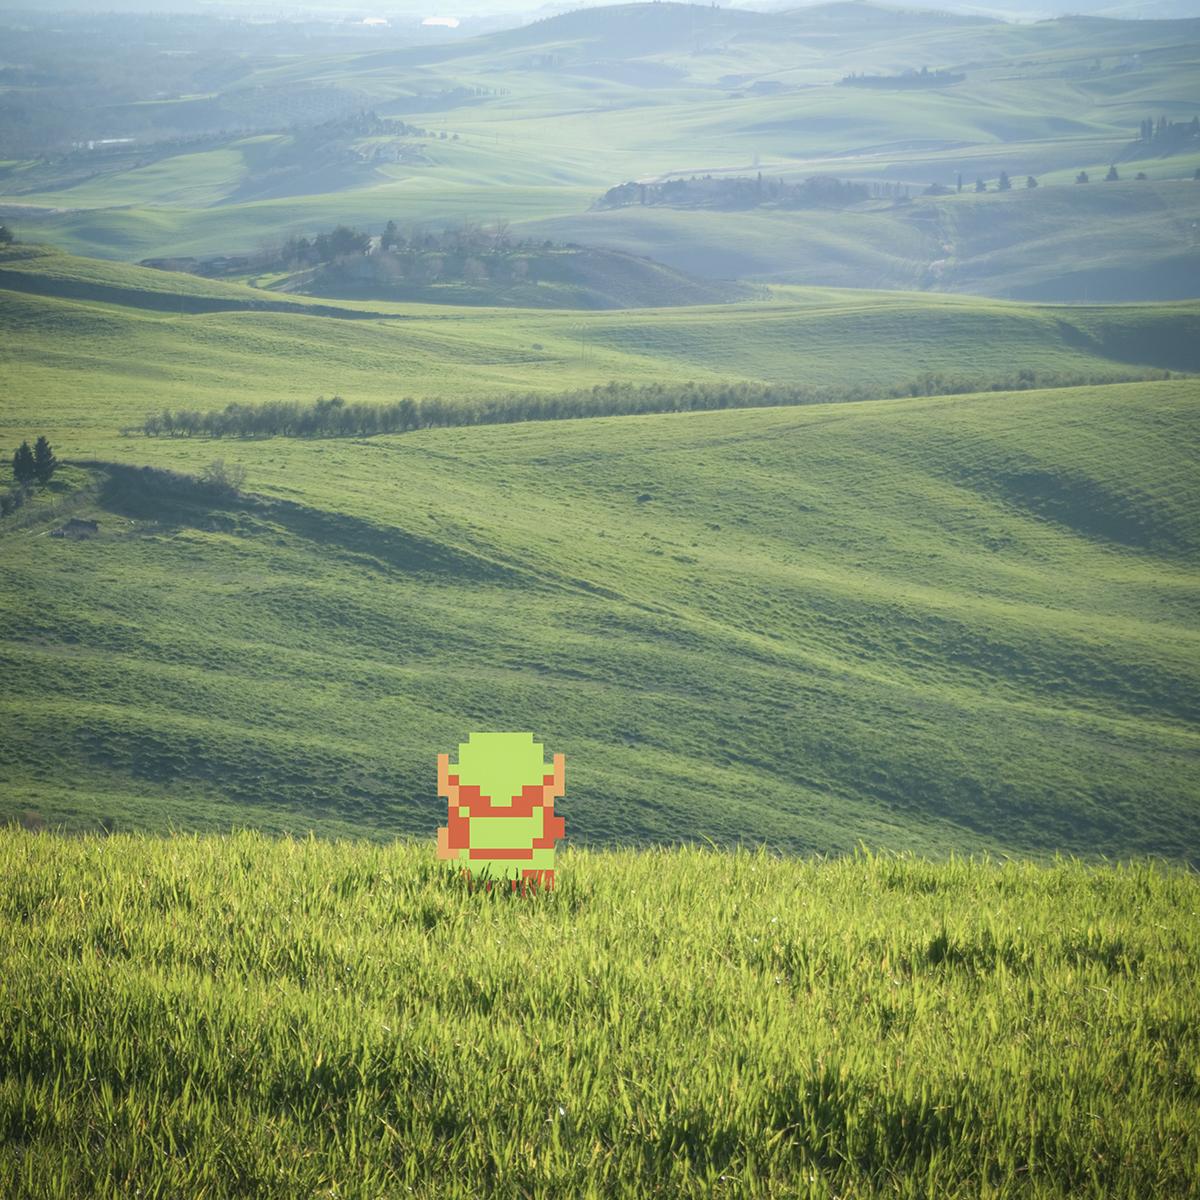 Hyrule Field -